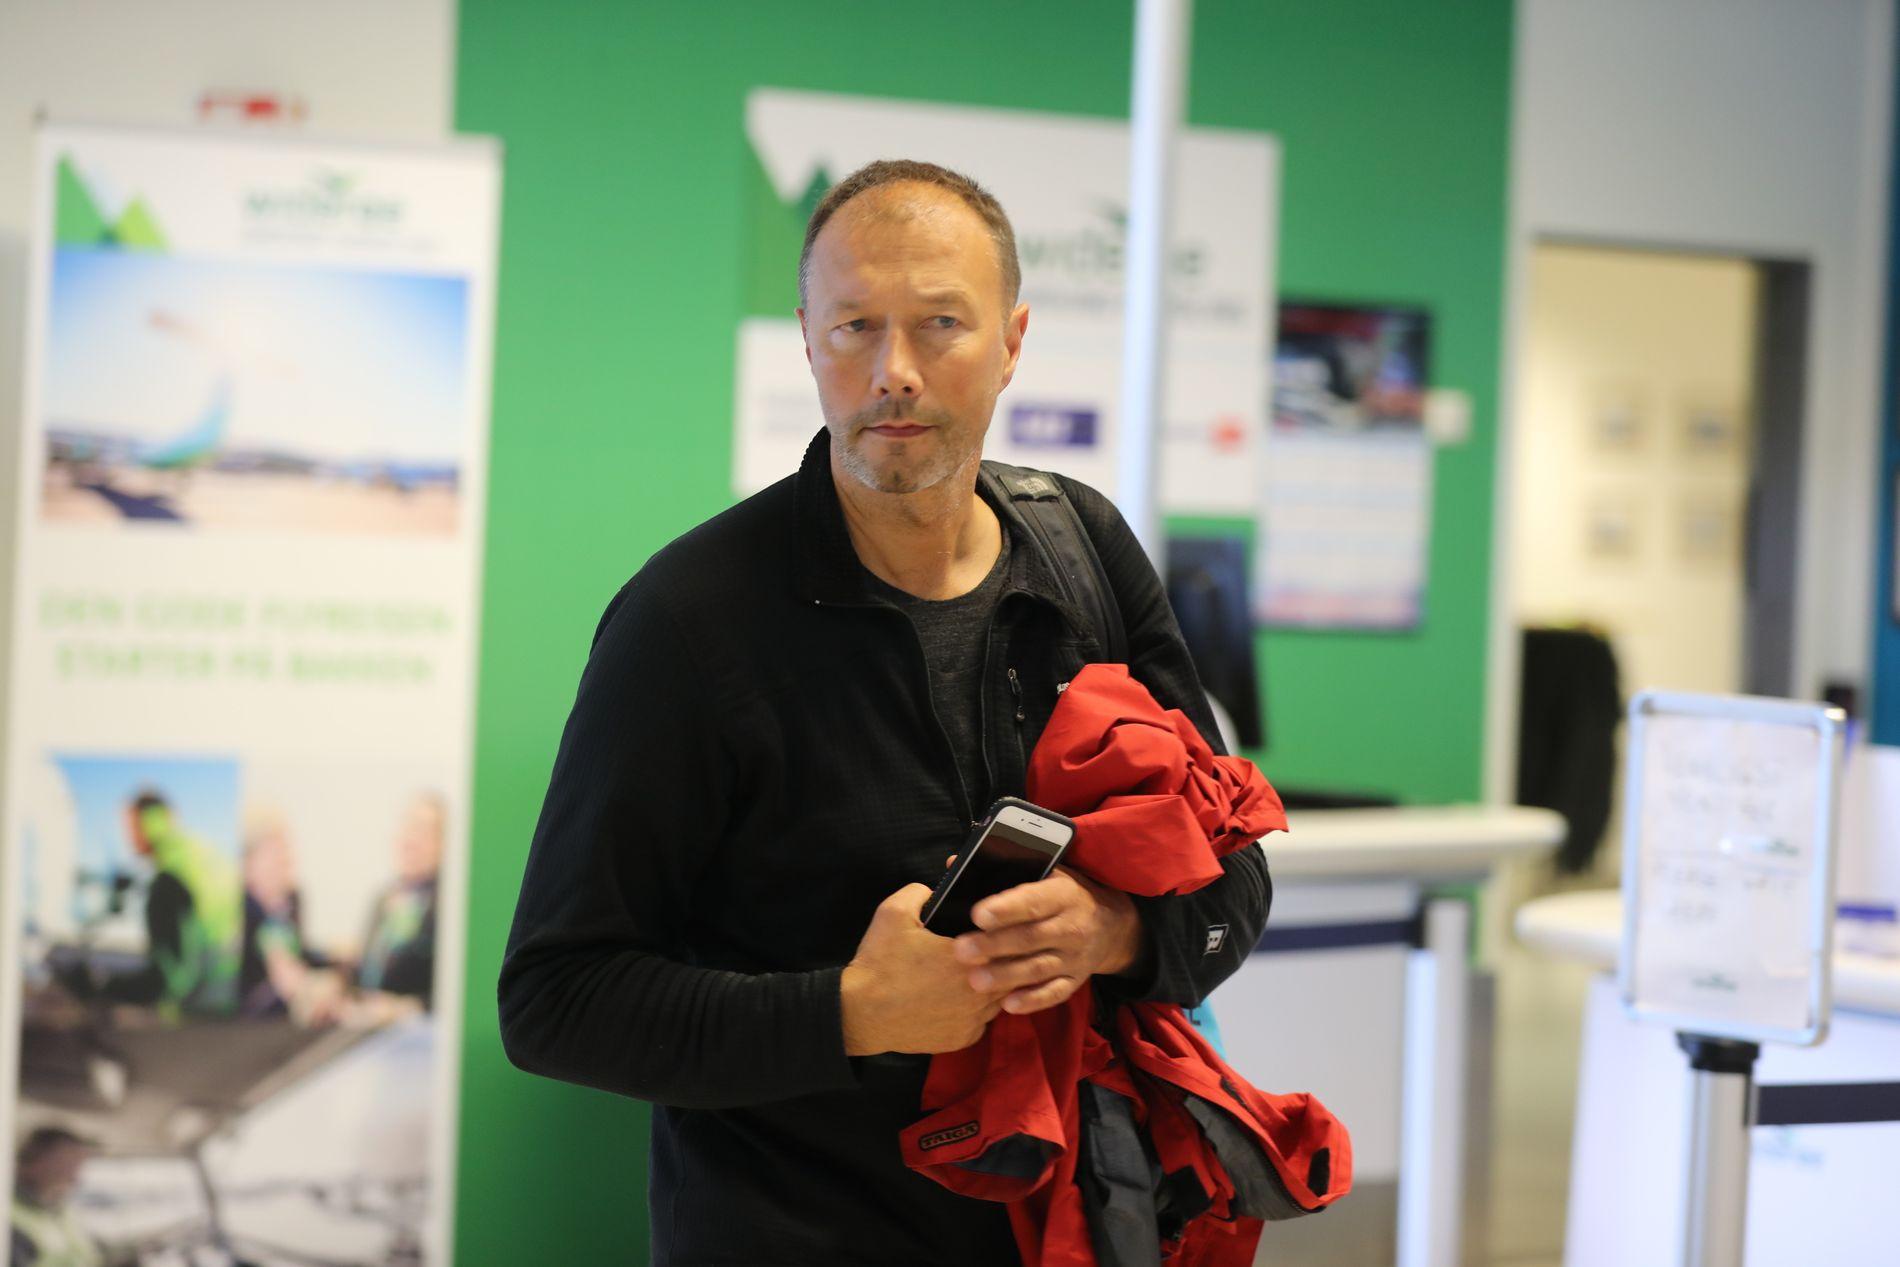 PÅ ULYKKESSTEDET: Leder av flyhavarikommisjonen, Kåre Halvorsen.